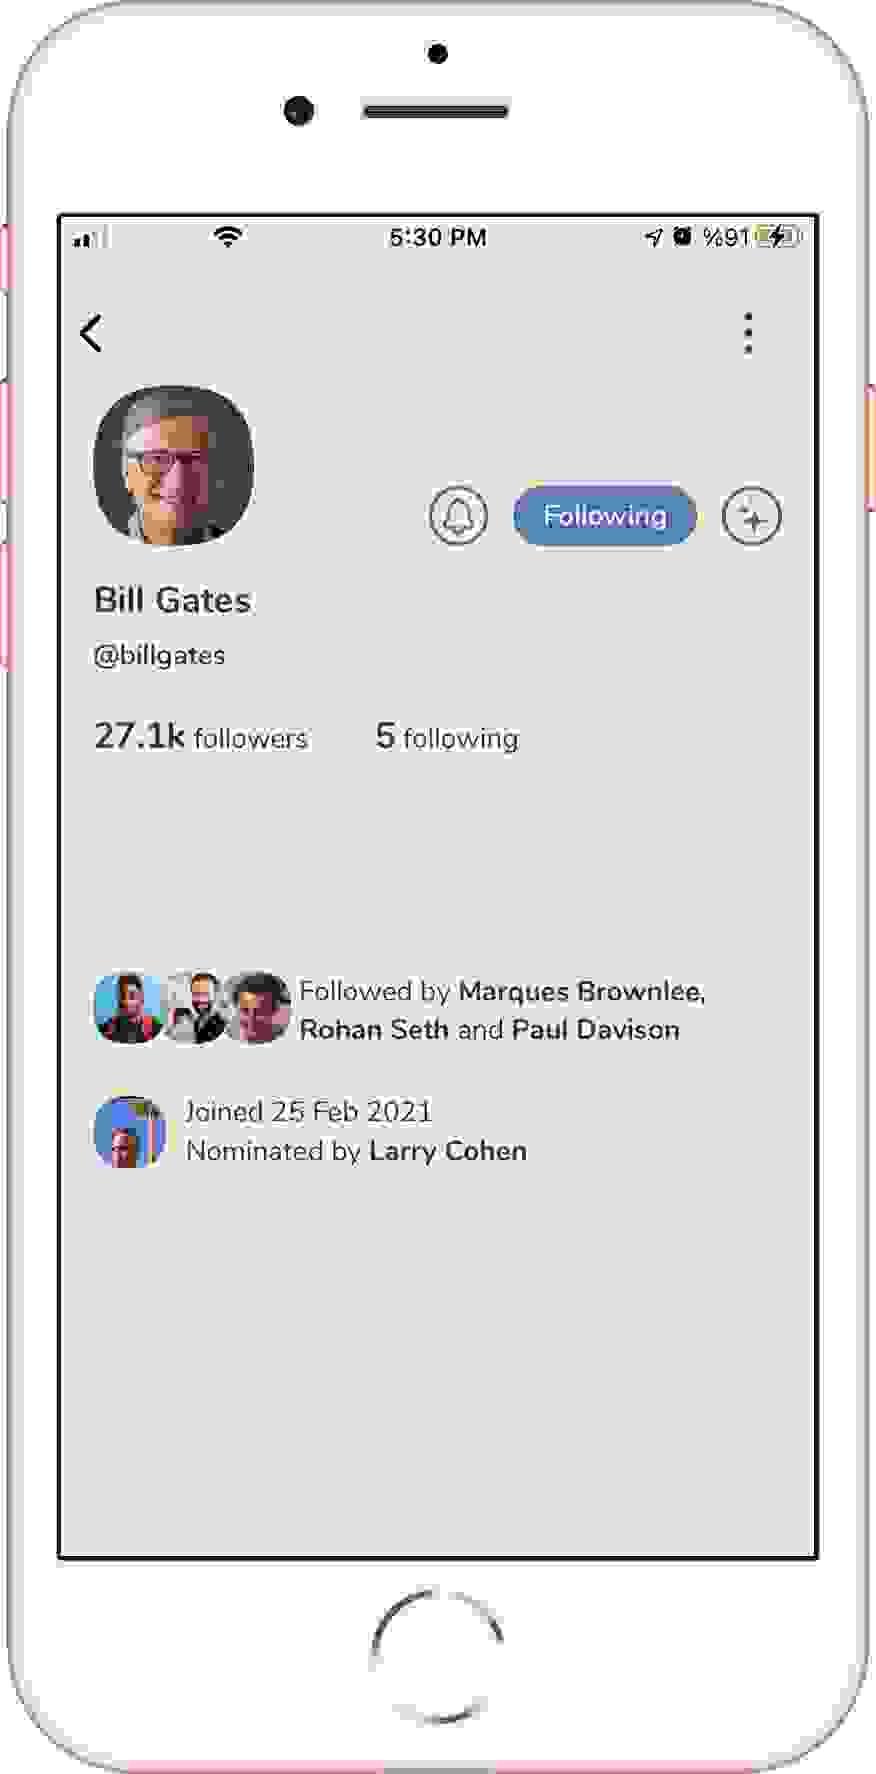 الصفحة الشخصية لبيل غيتس كما تظهر في تطبيق كلوب هاوس